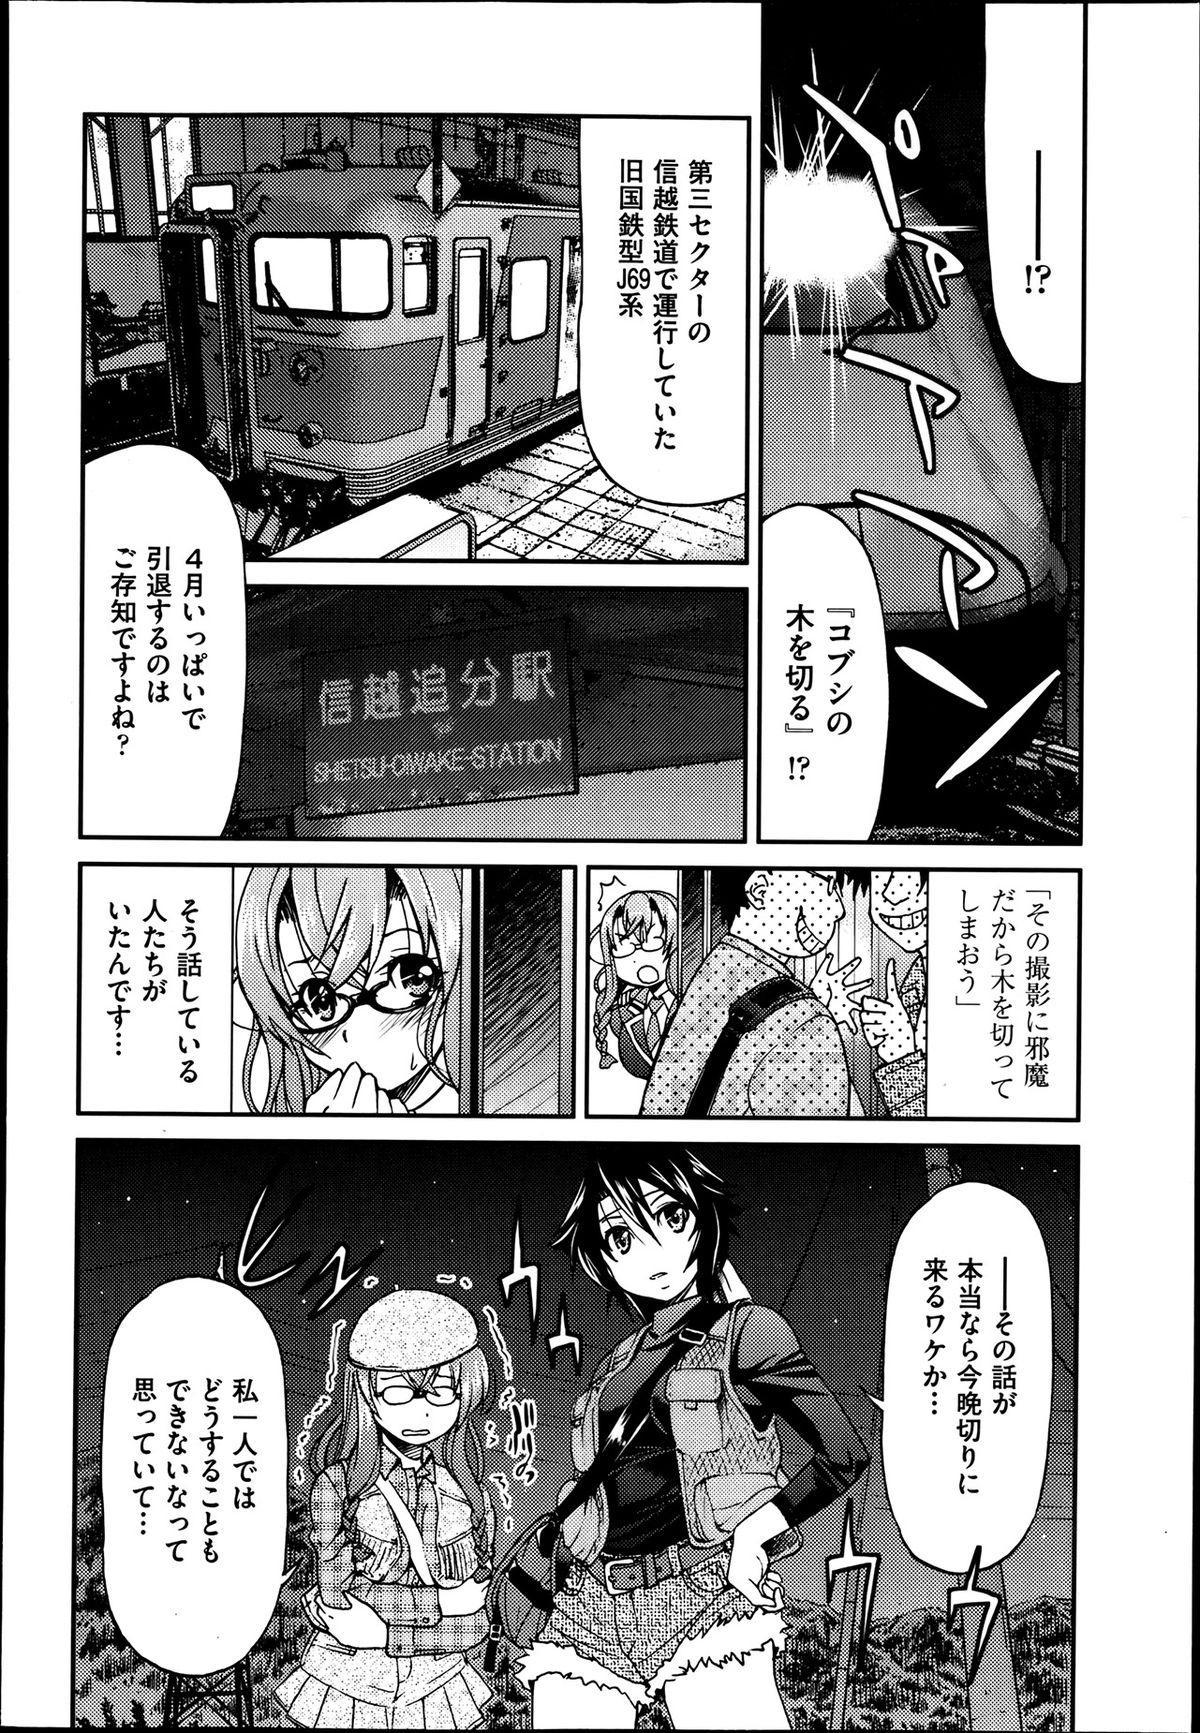 [Inoue Yoshihisa] Joshitetsu -Girls railway Geek- Ch.1-7 35